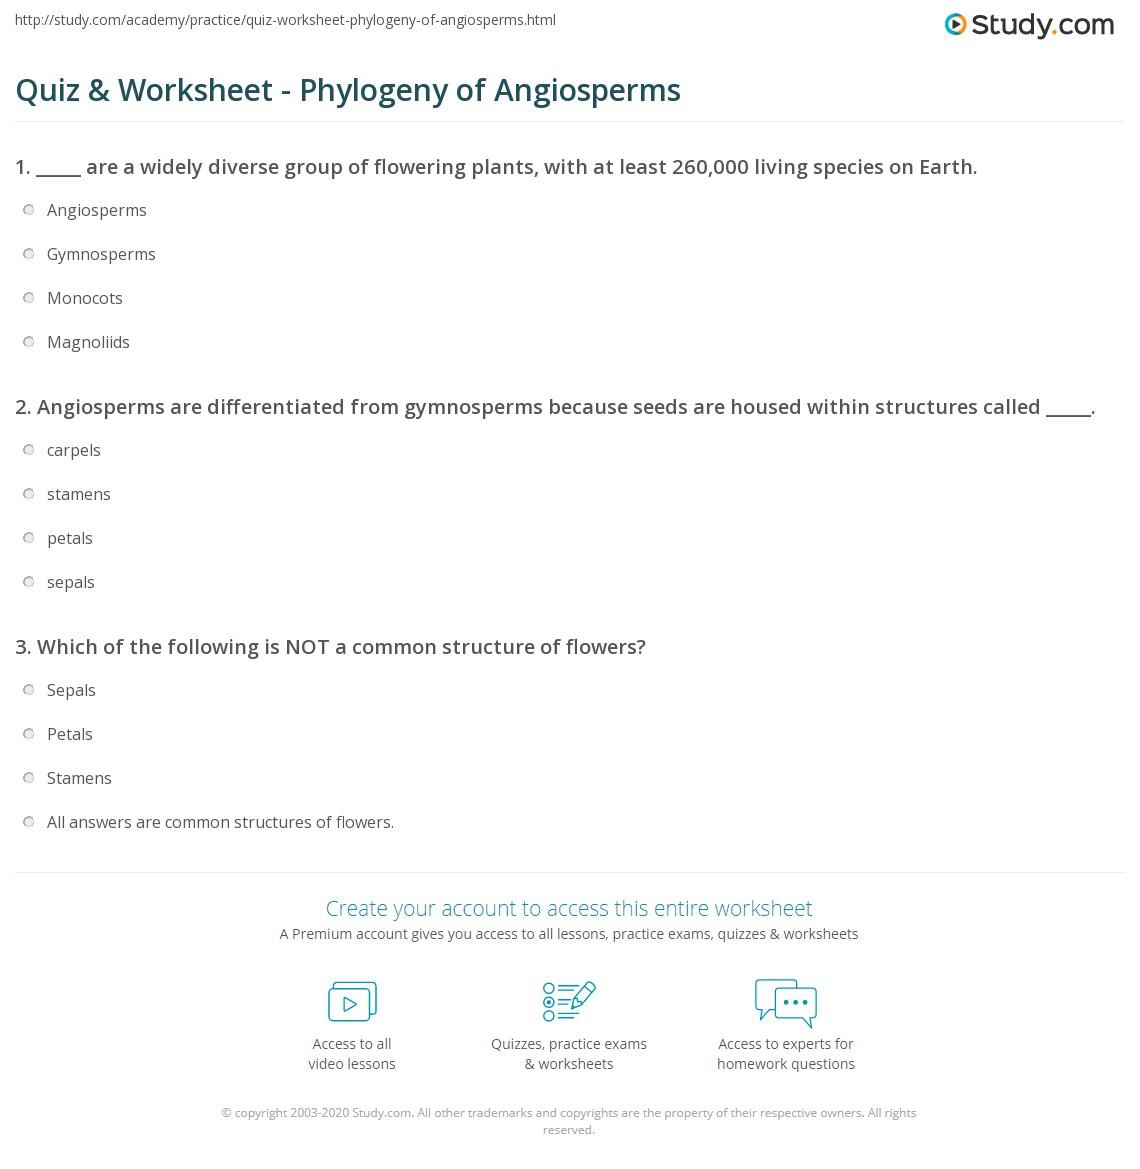 quiz worksheet phylogeny of angiosperms. Black Bedroom Furniture Sets. Home Design Ideas